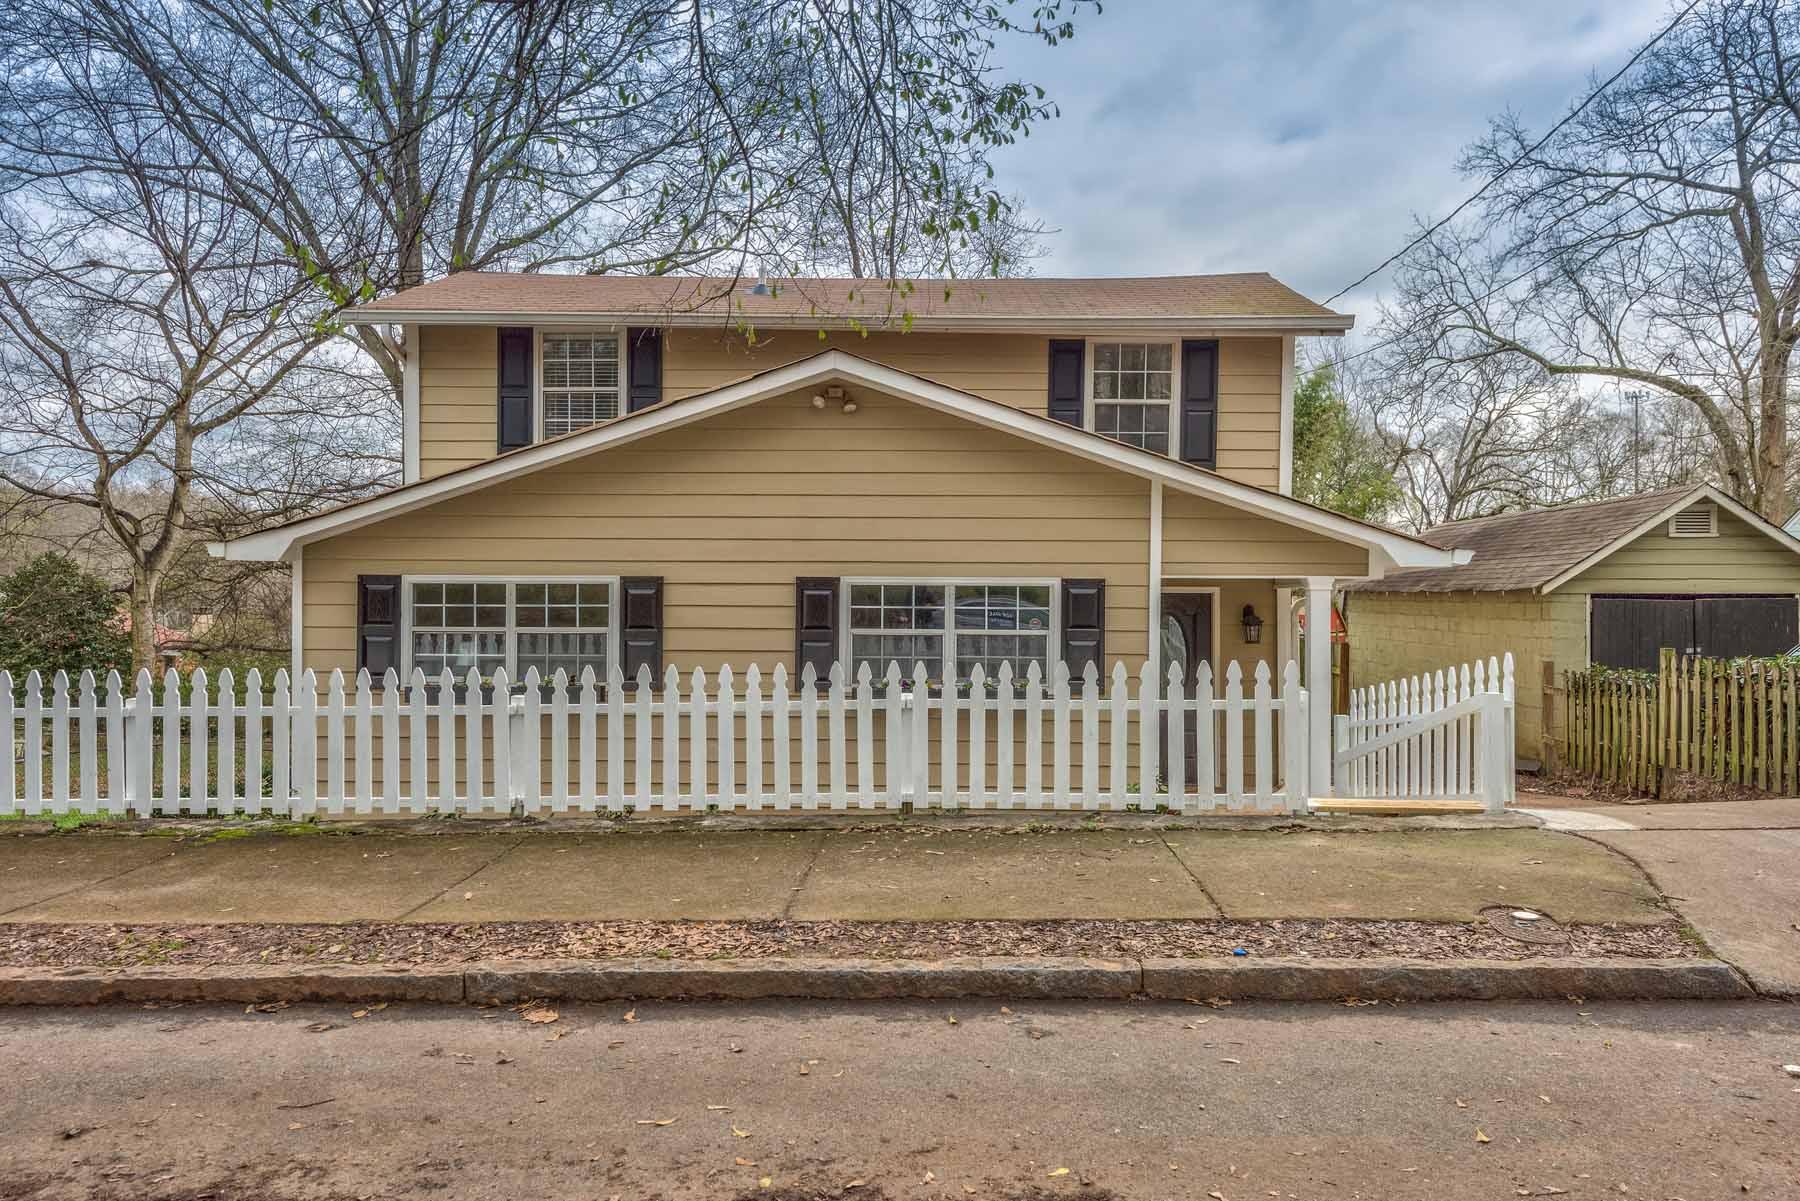 一戸建て のために 売買 アット Sought After Grant Park 906 Rosedale Avenue Grant Park, Atlanta, ジョージア 30312 アメリカ合衆国